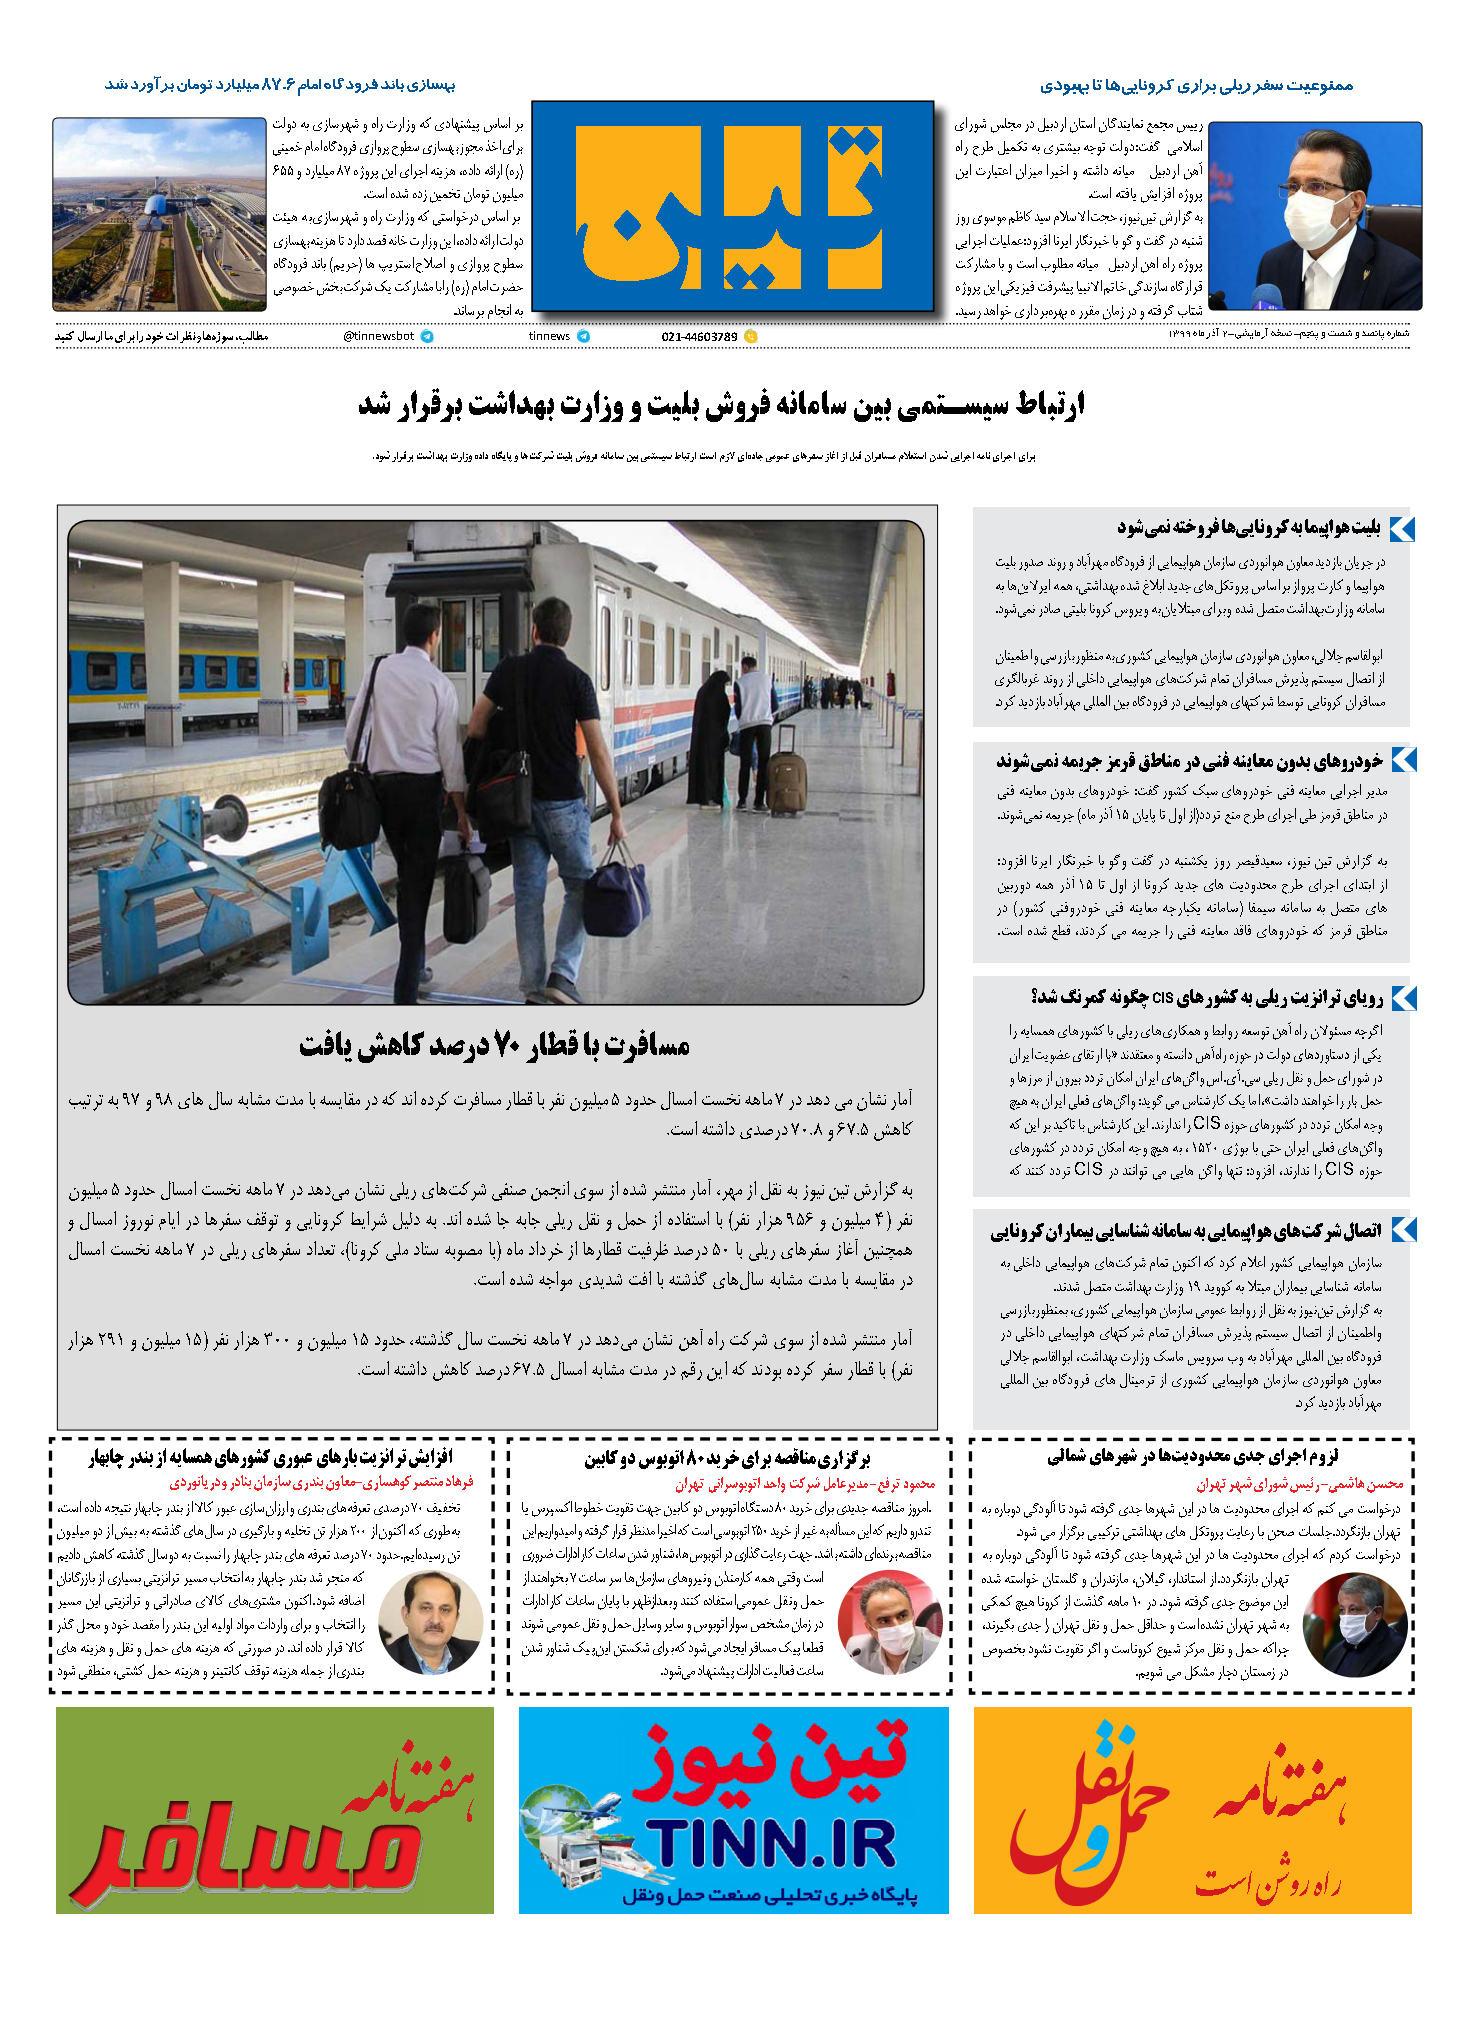 روزنامه الکترونیک 2 آذر ماه 99